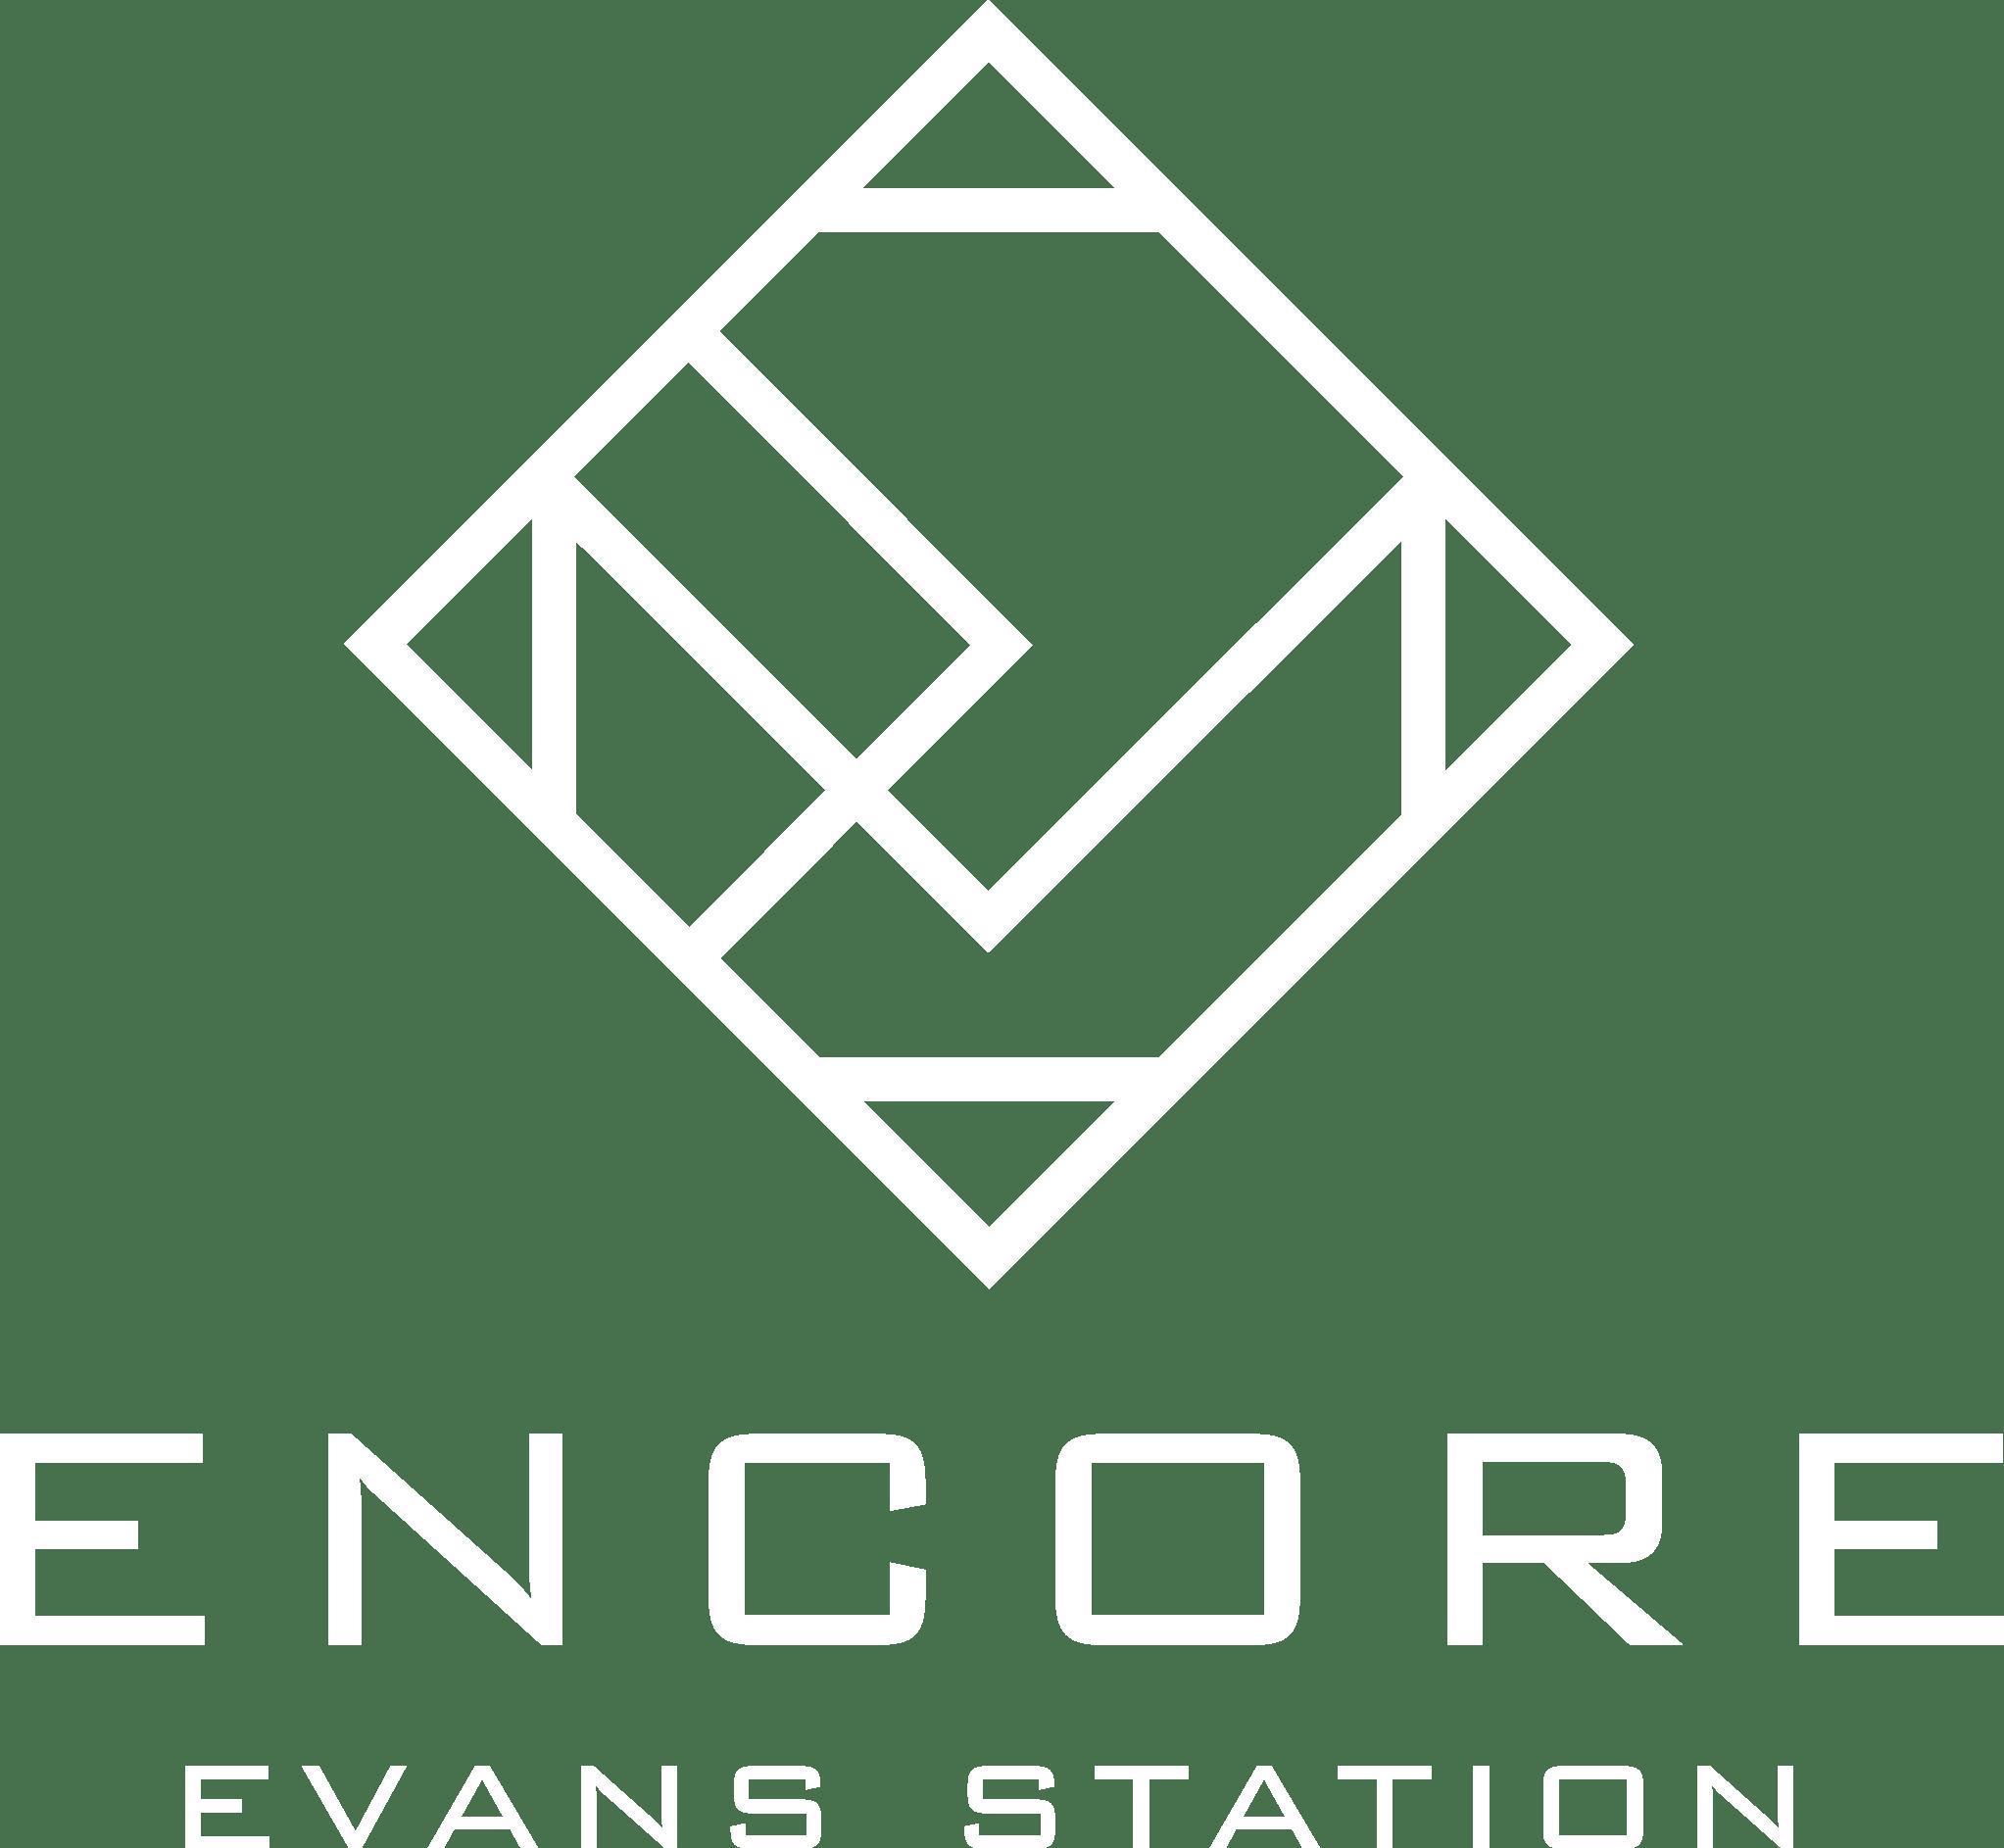 Encore Evans Station